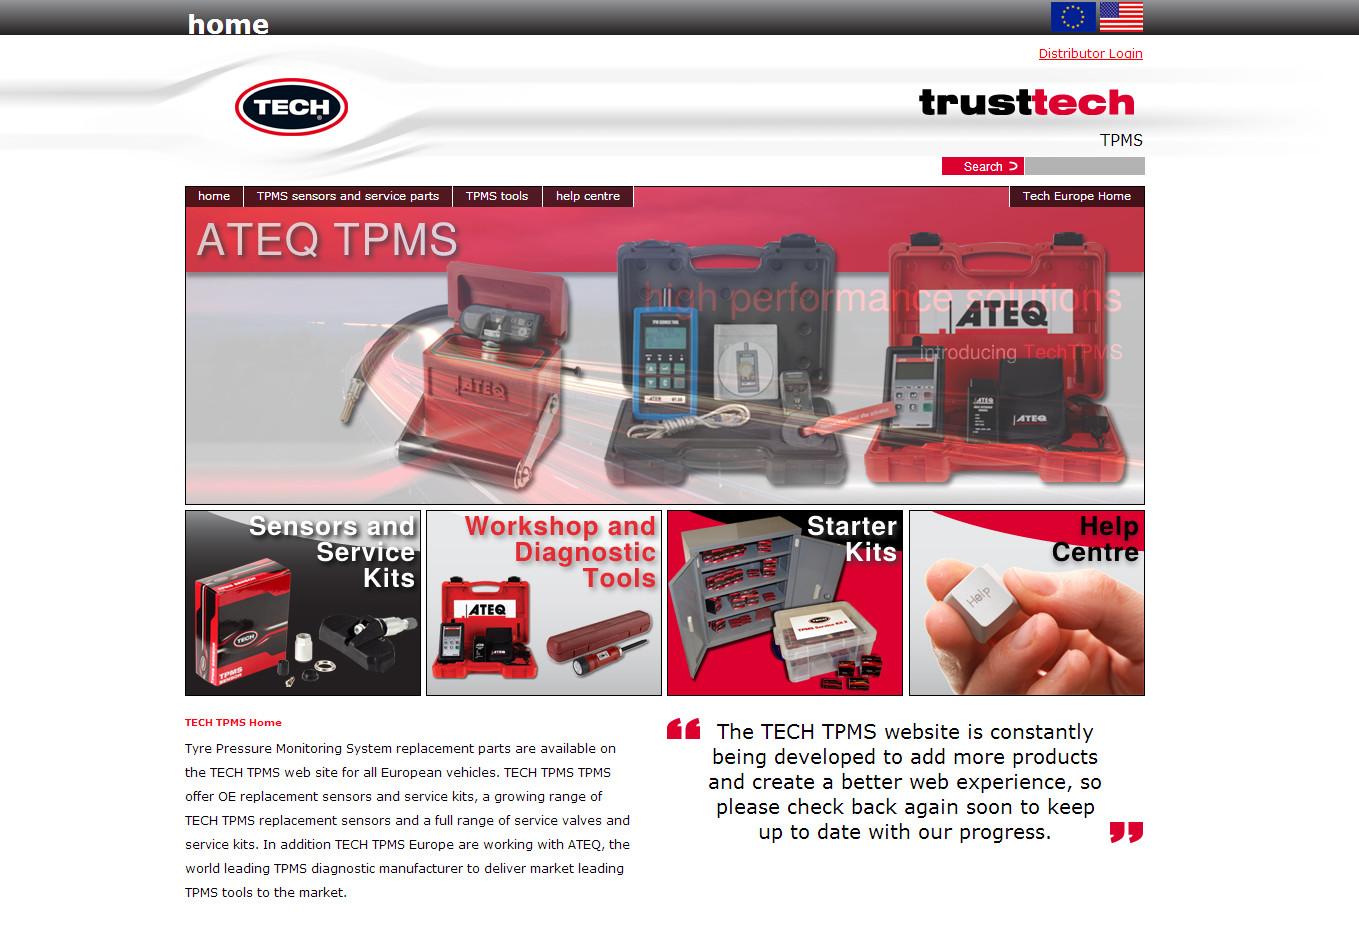 Tech TPMS